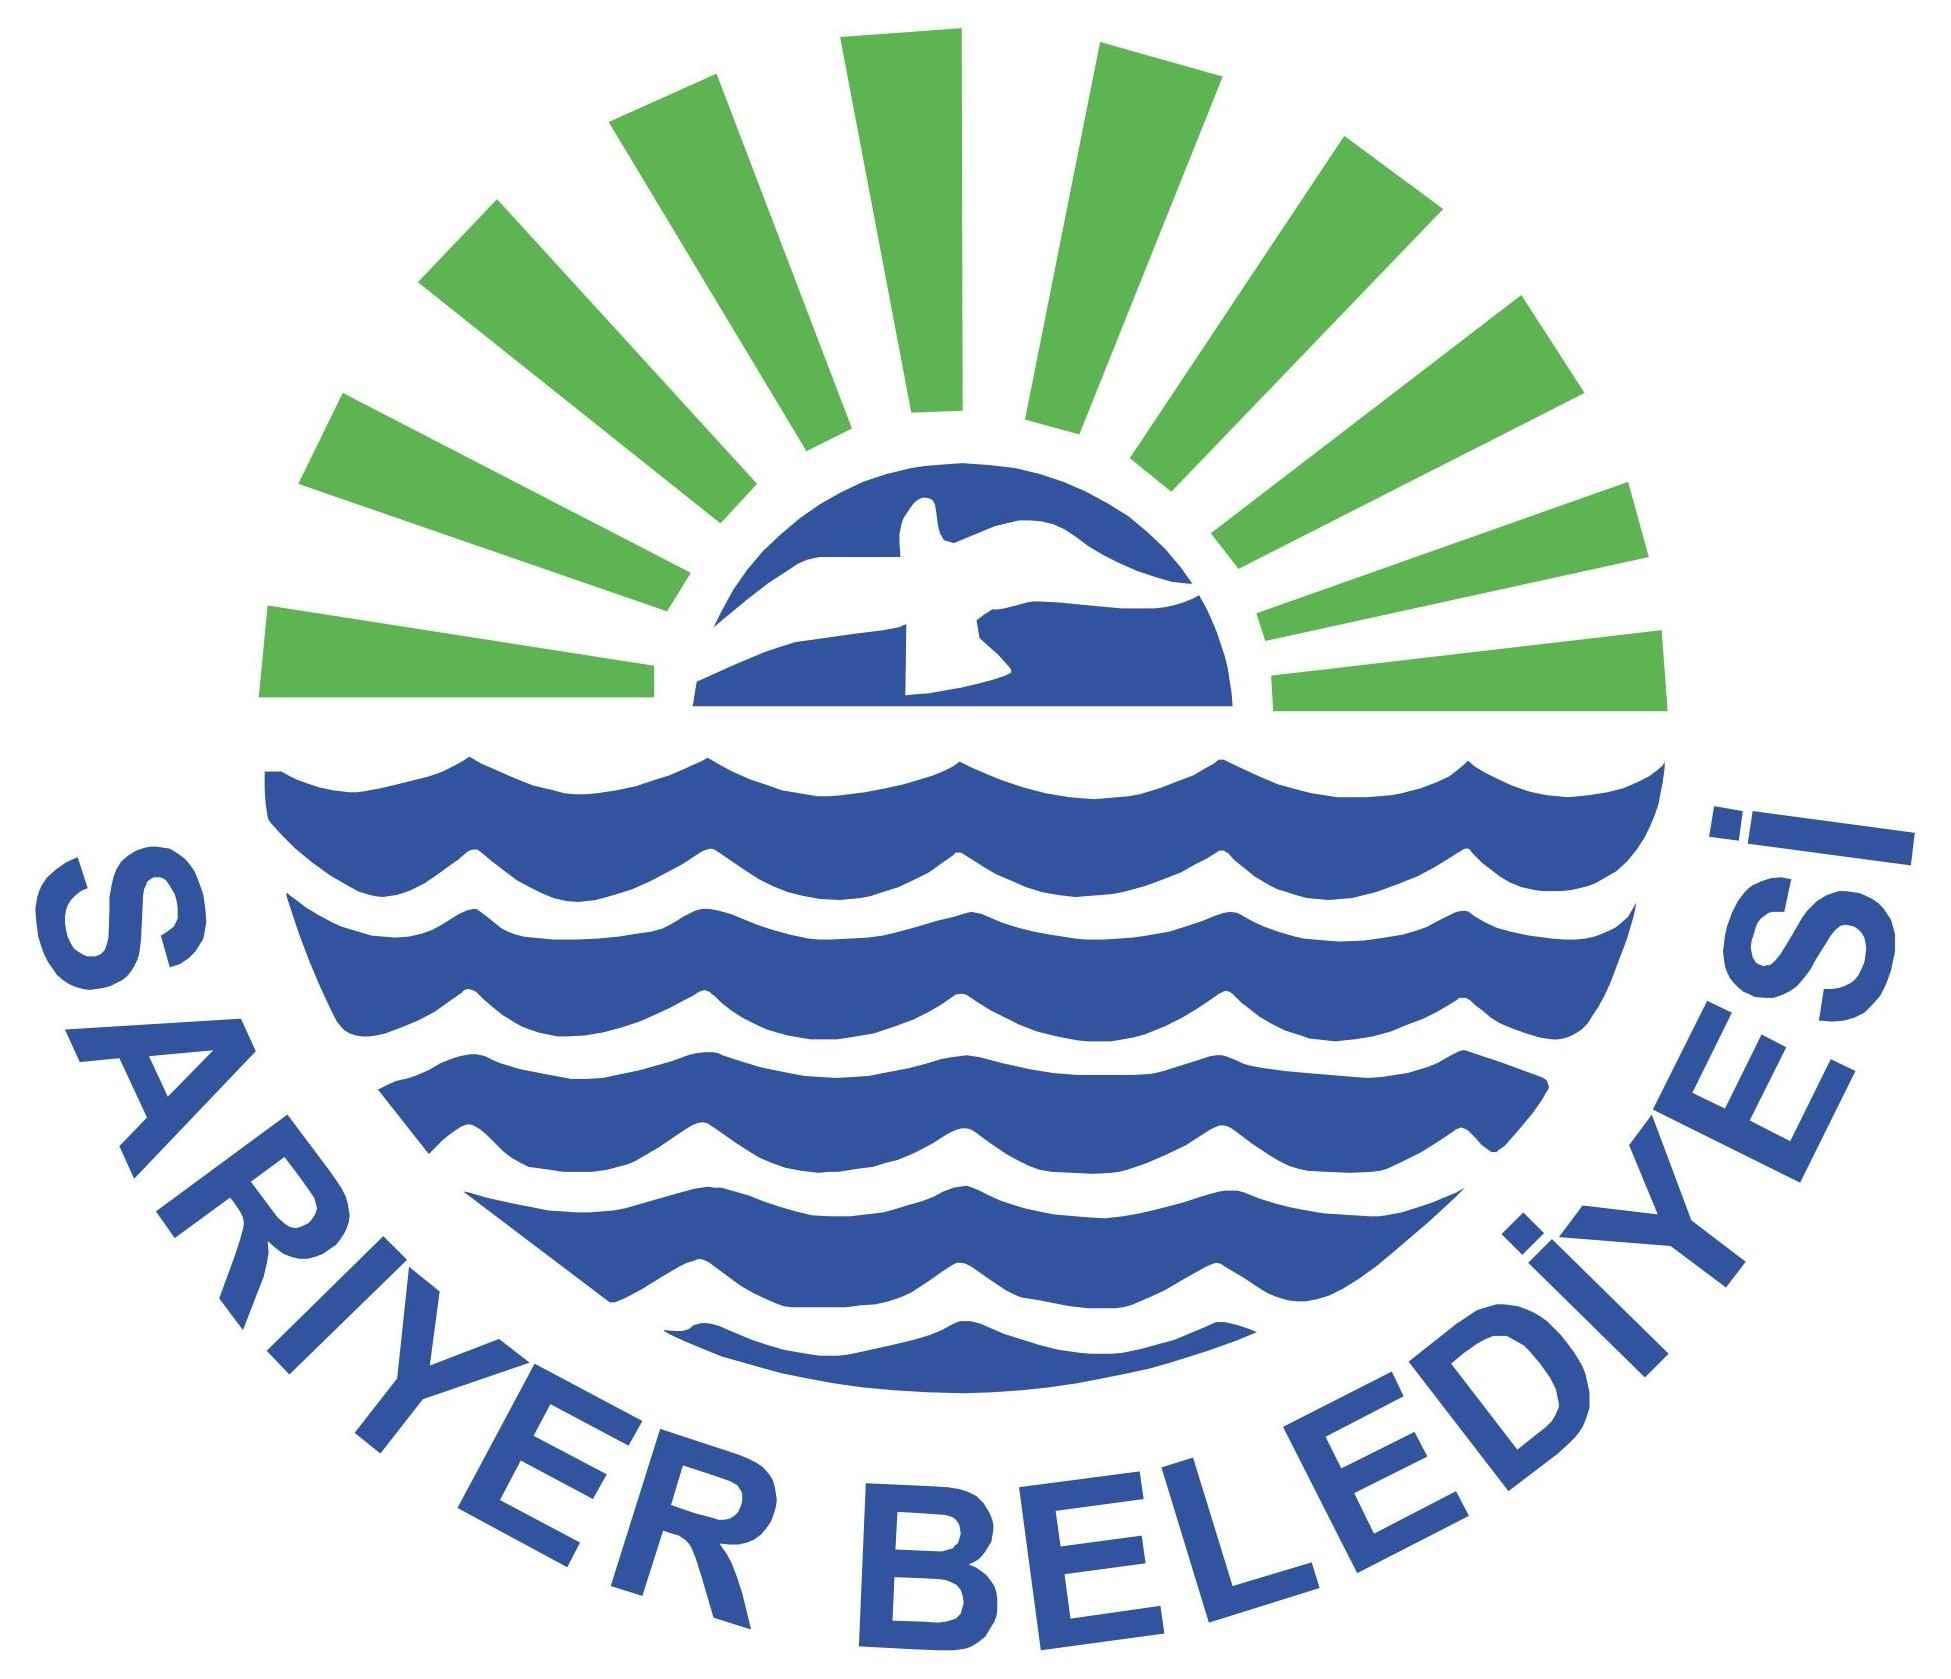 sariyer-belediyesi-logo